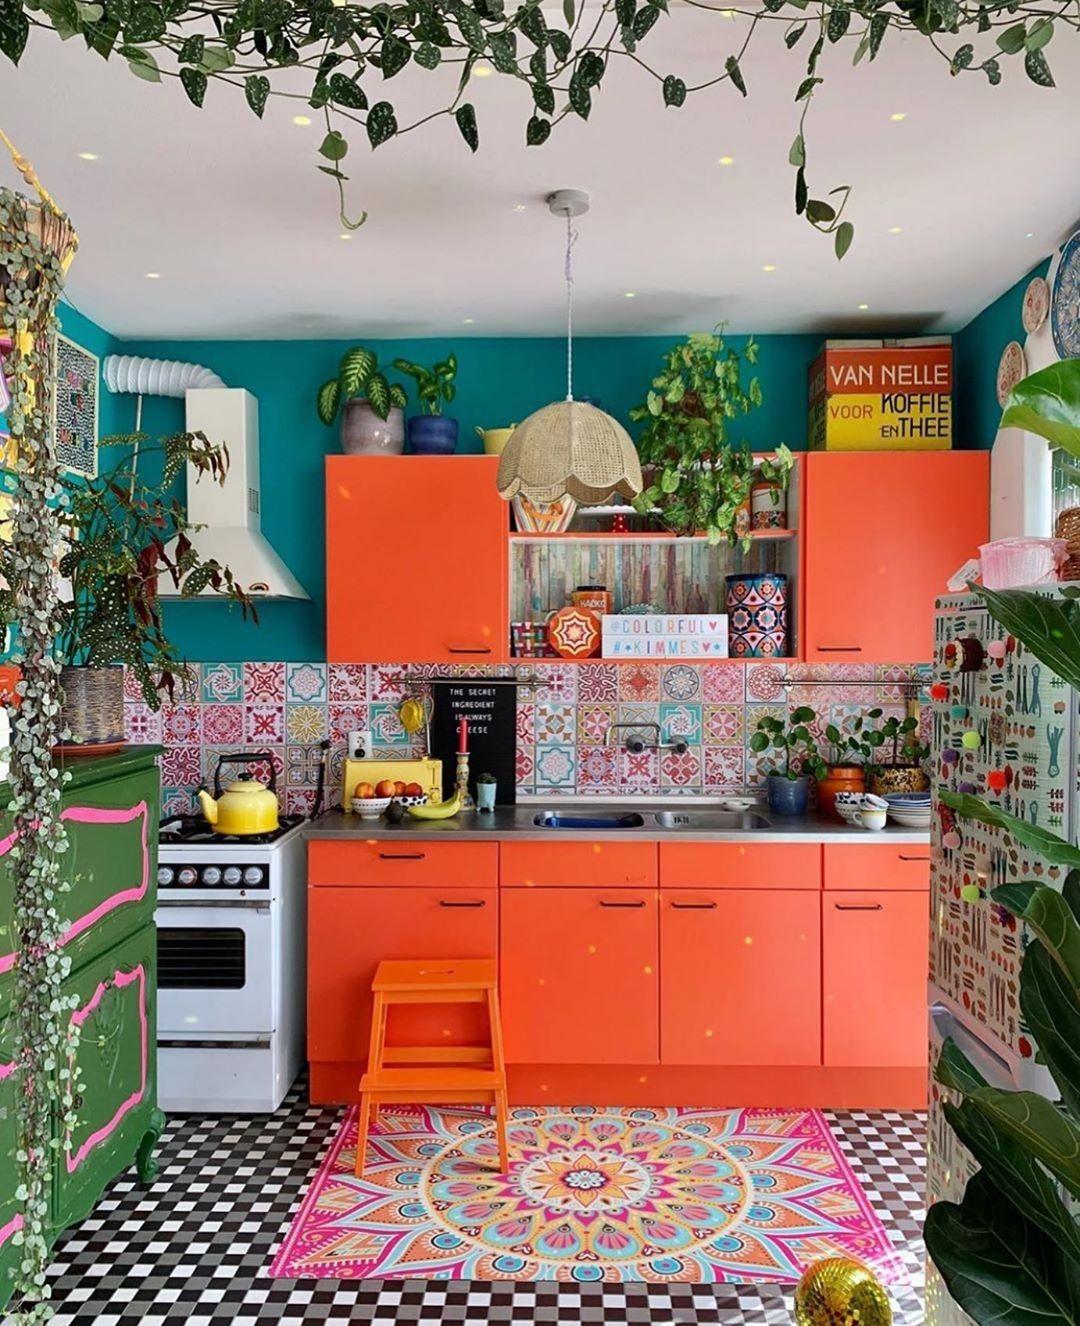 modern bohemian kitchen designs bohemian kitchen decor bohemian kitchen home kitchens on boho chic kitchen decor bohemian interior id=60314